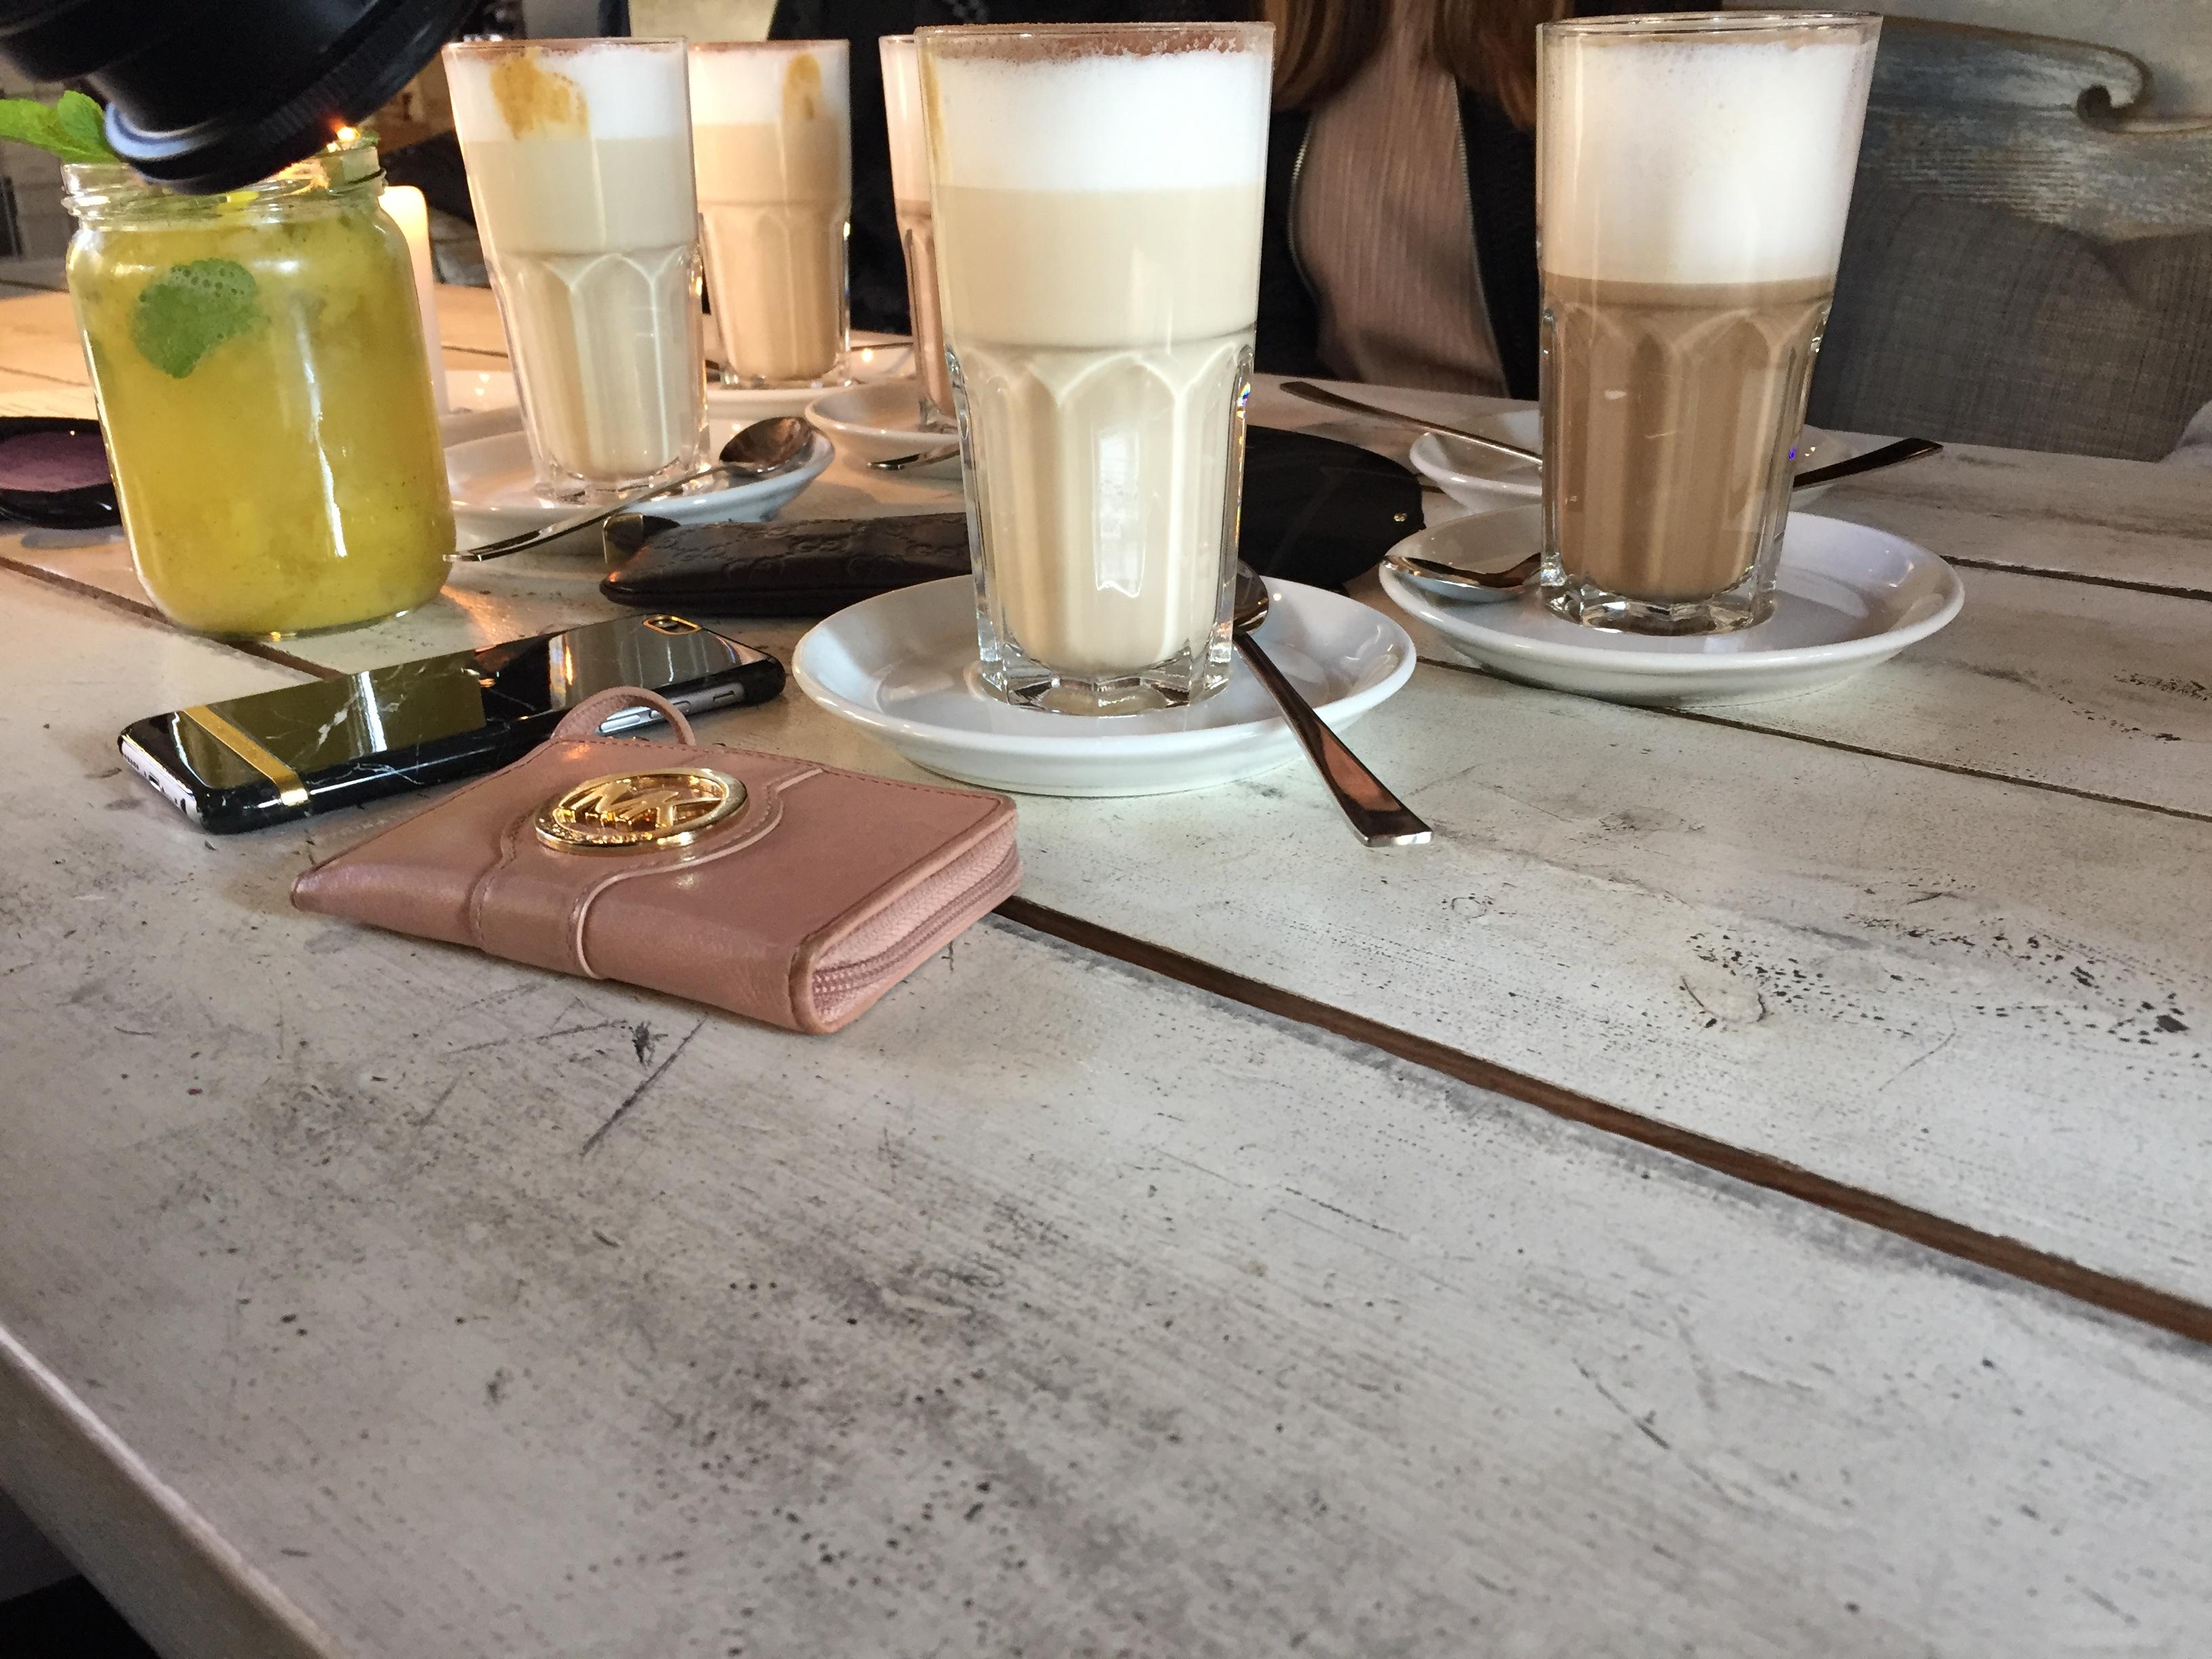 cafe am neuen see tiergarten